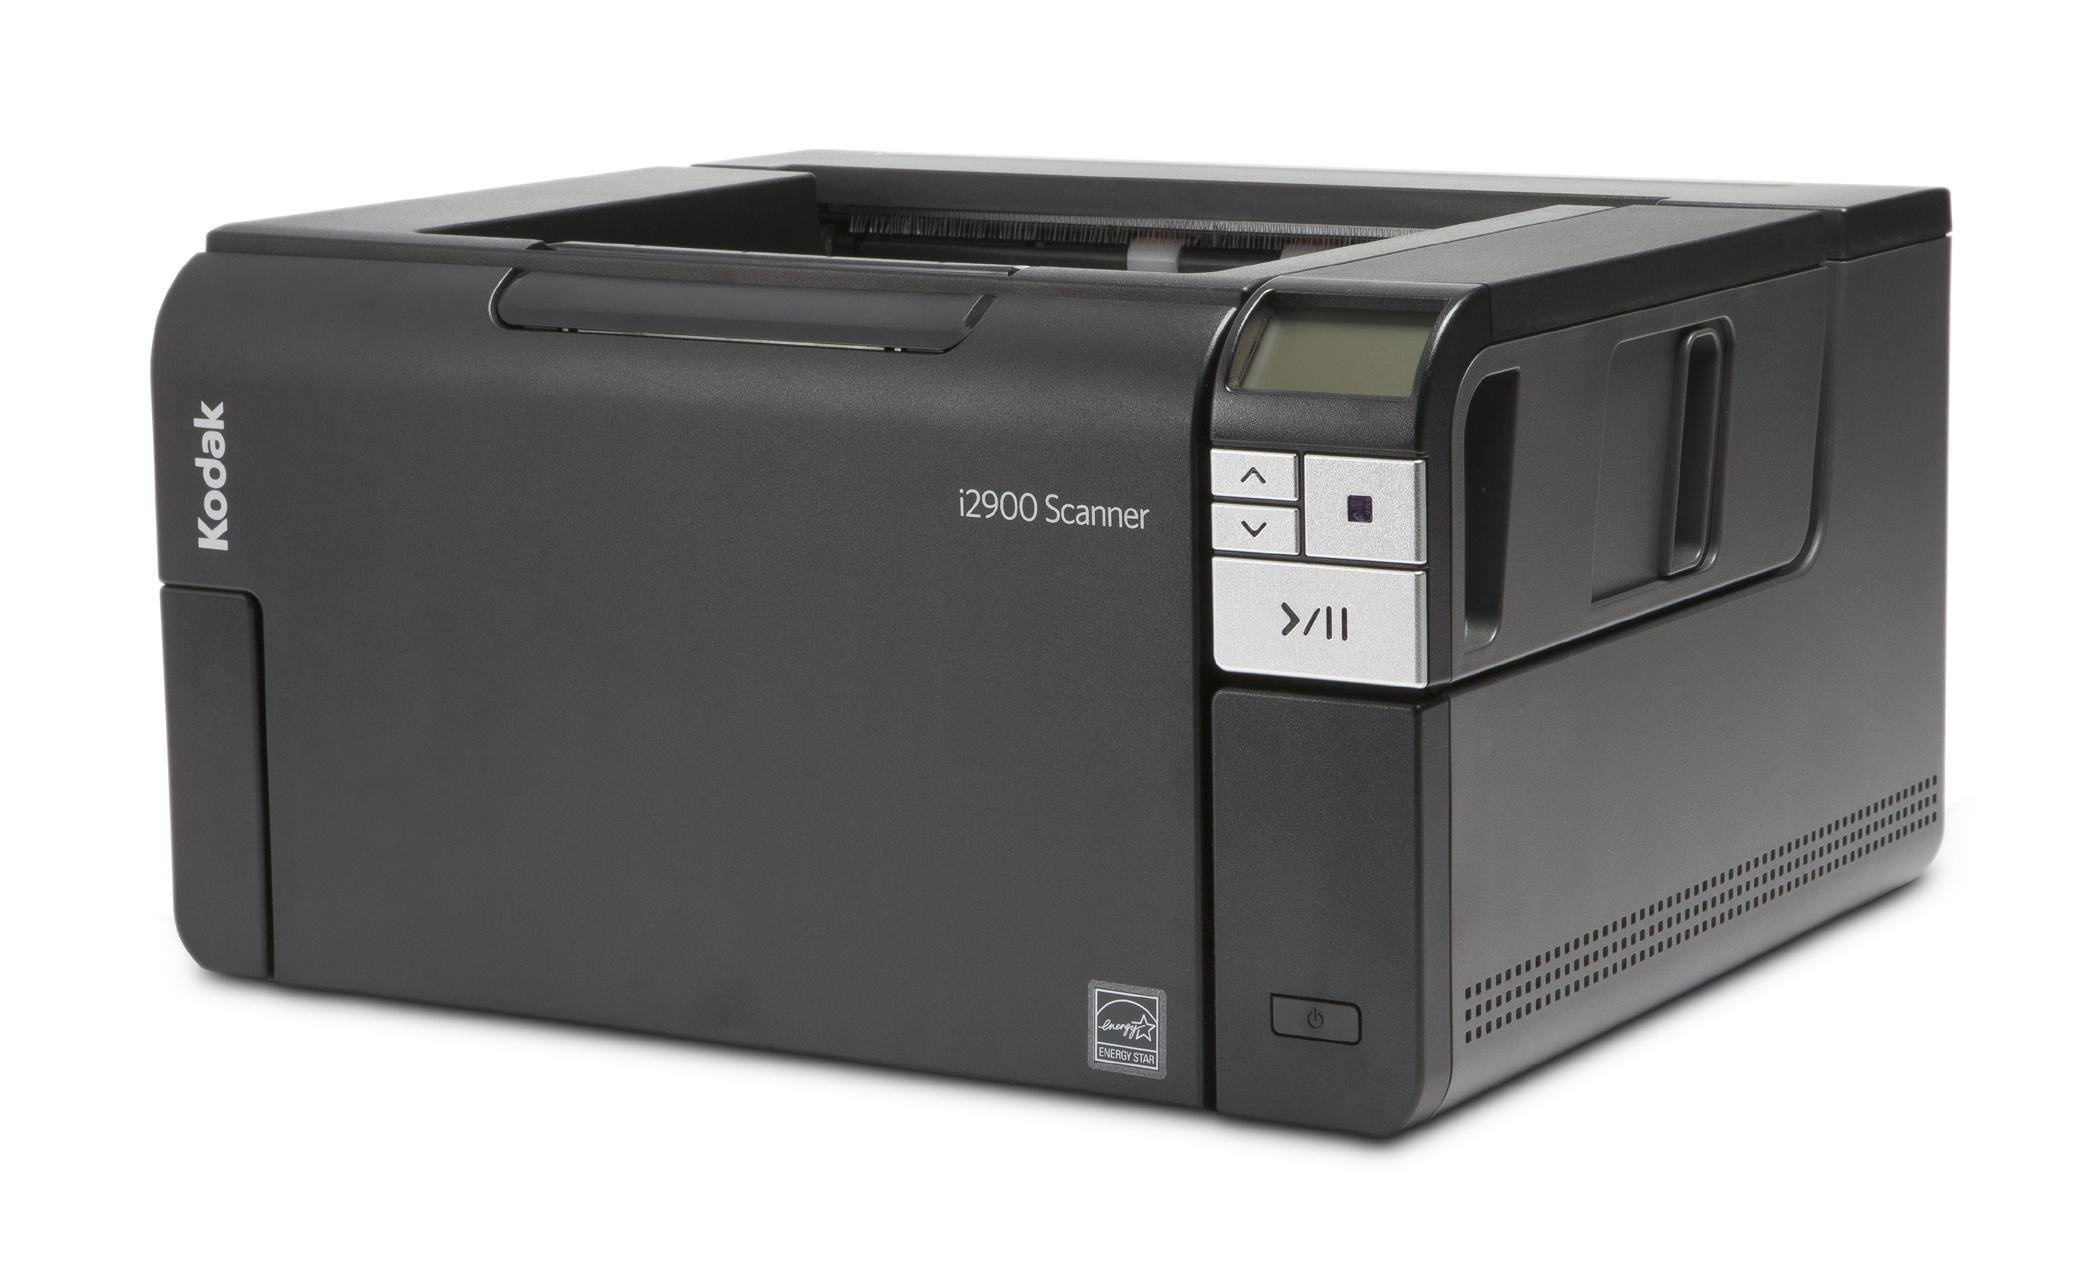 Kodak i2900 Scanner (Office)